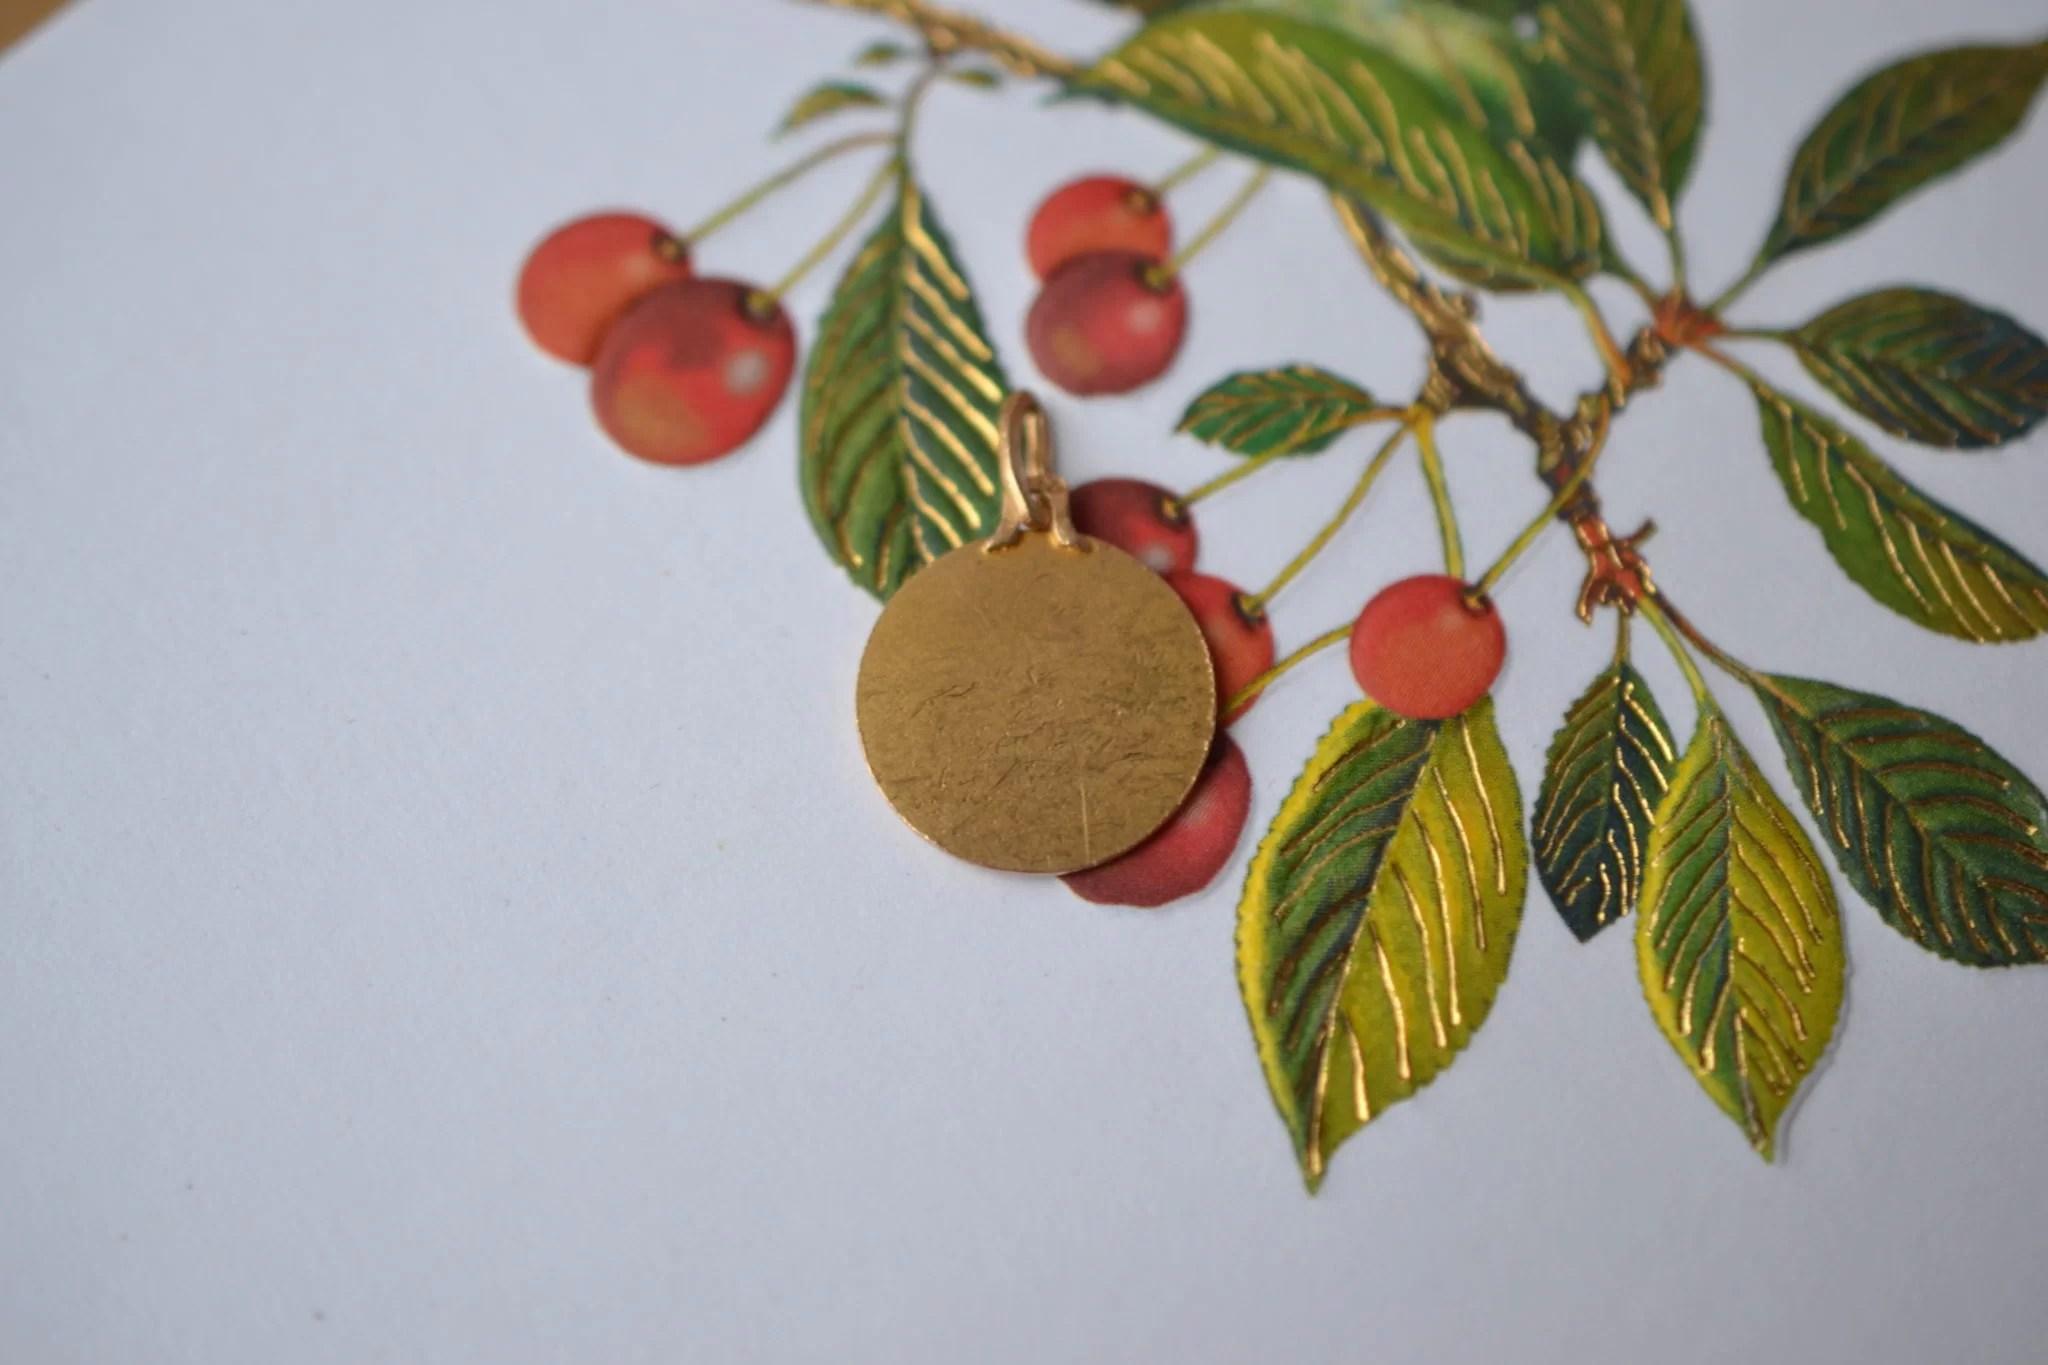 Médaille ronde en Or jaune décorée du profil de la Vierge - pendentif de seconde main